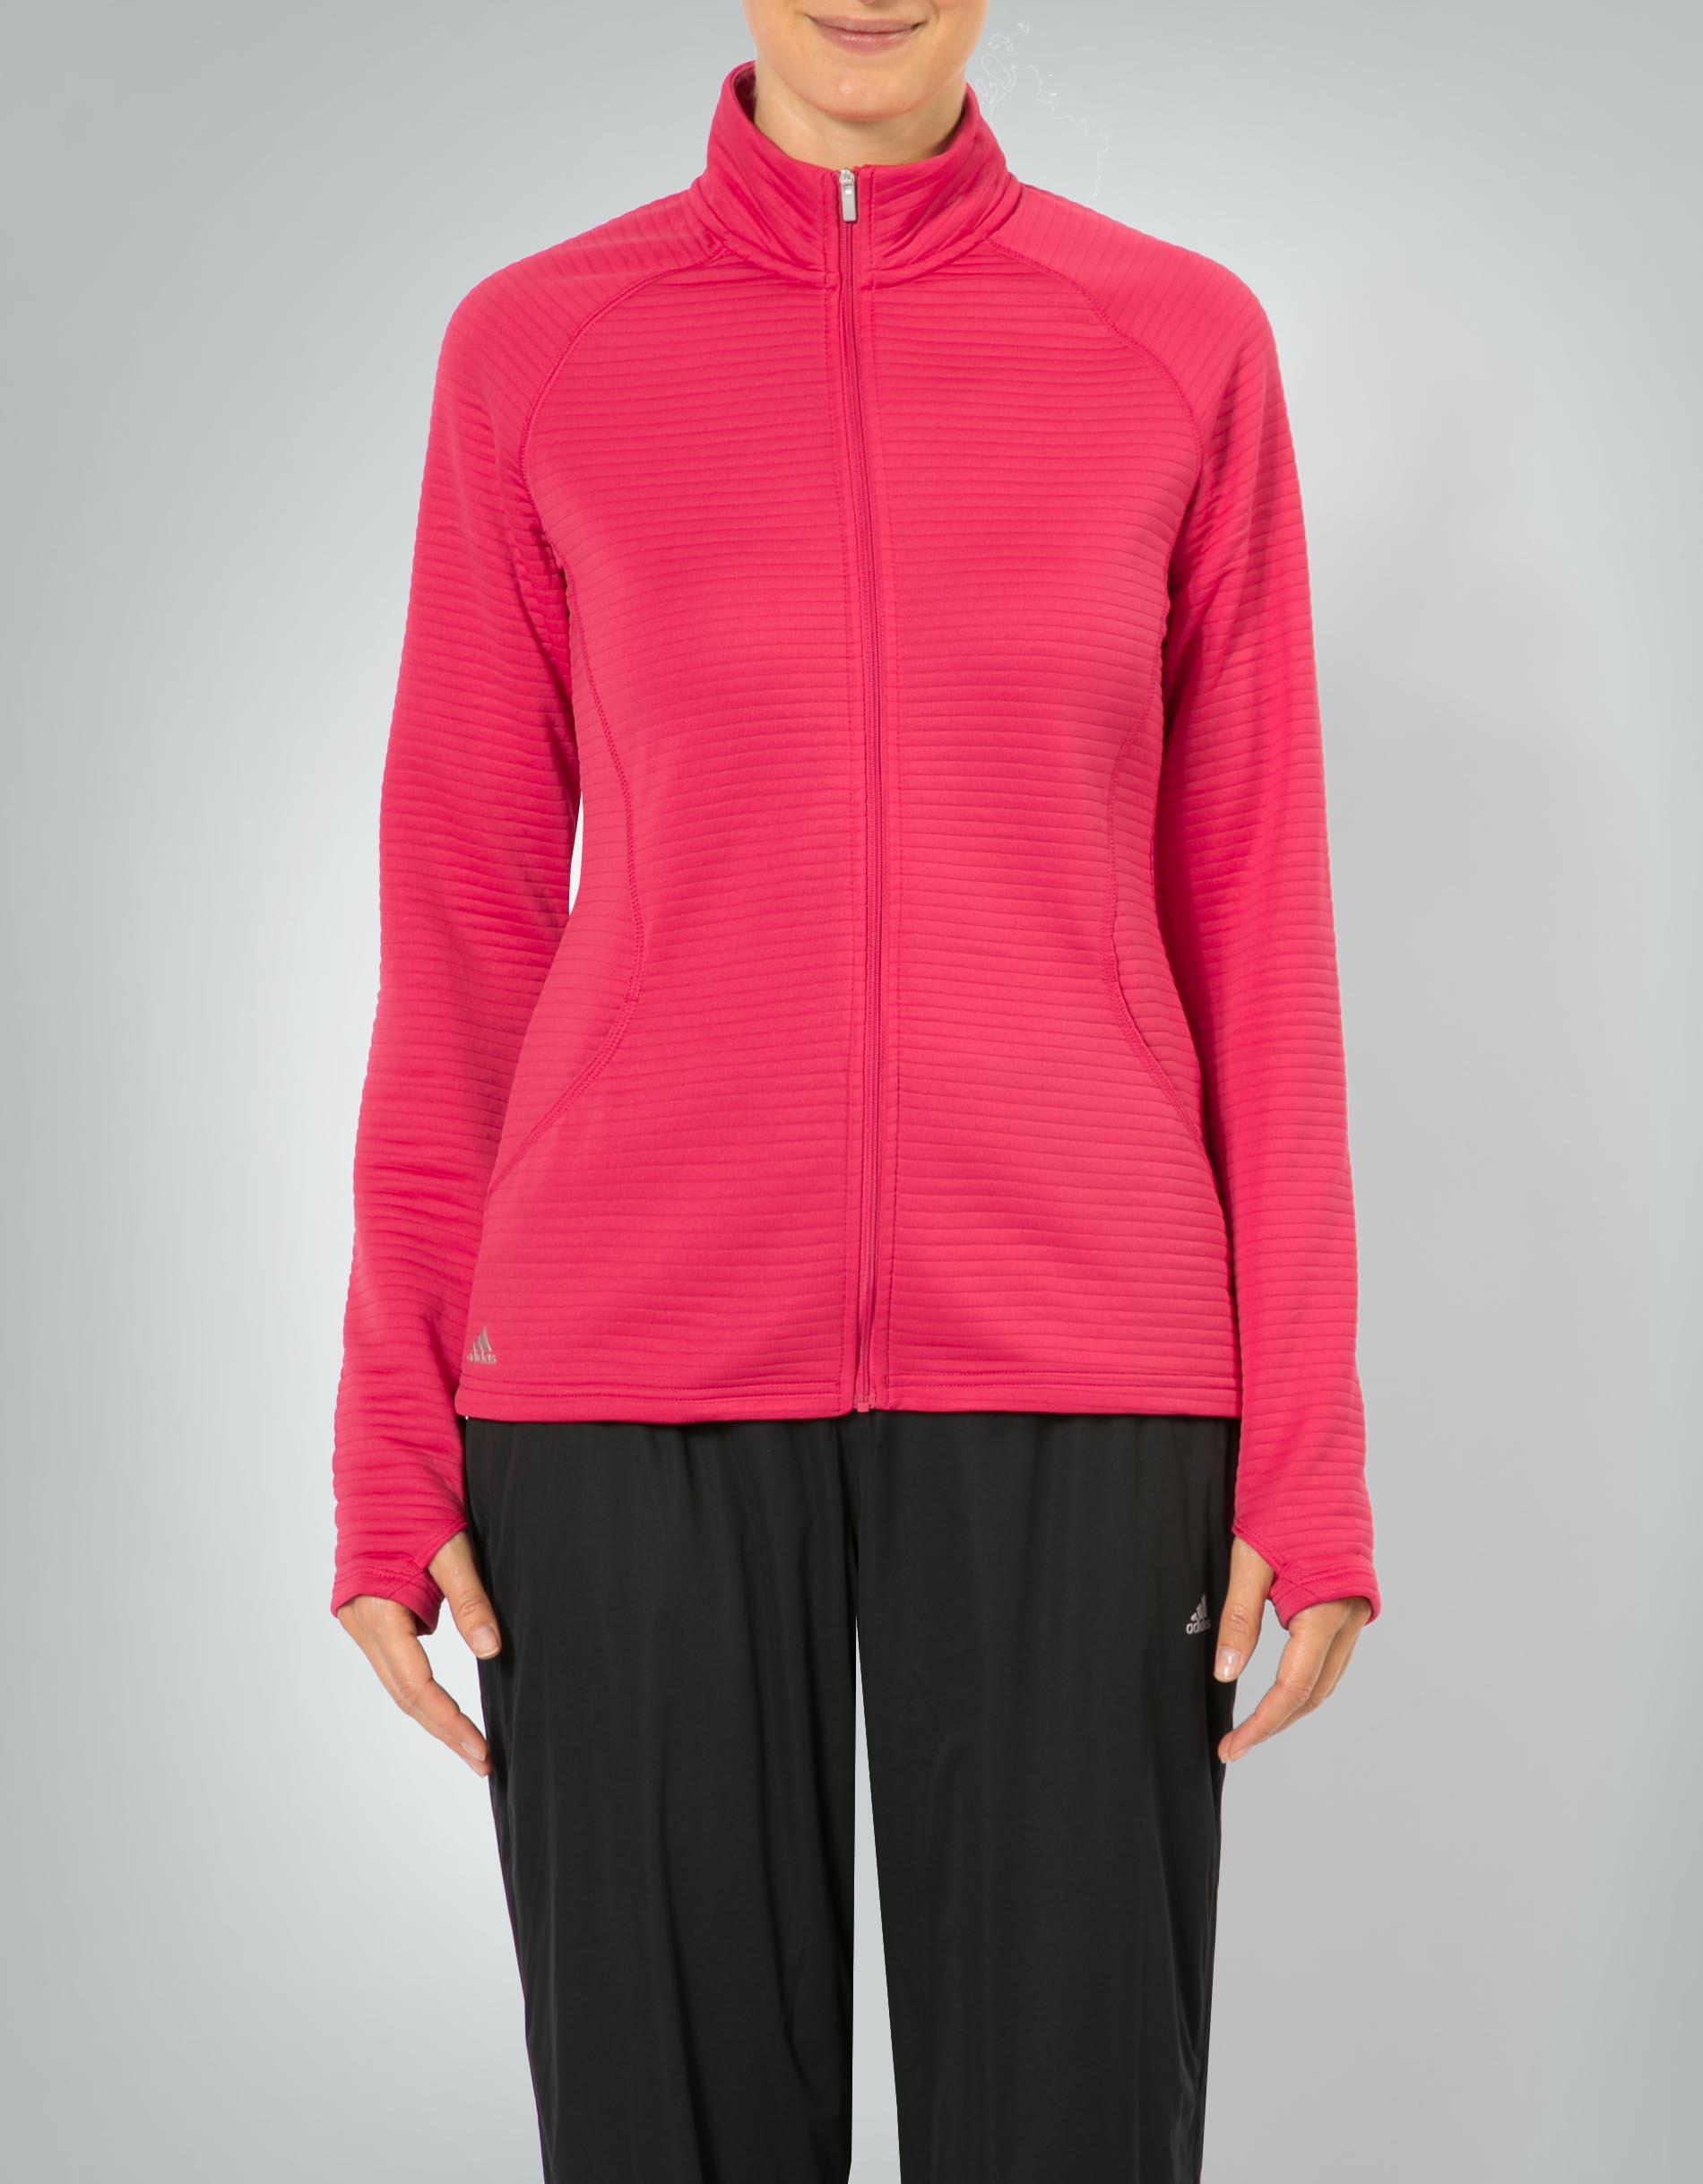 adidas Golf Damen Sweatjacke pink Jacke mit Rippenstruktur